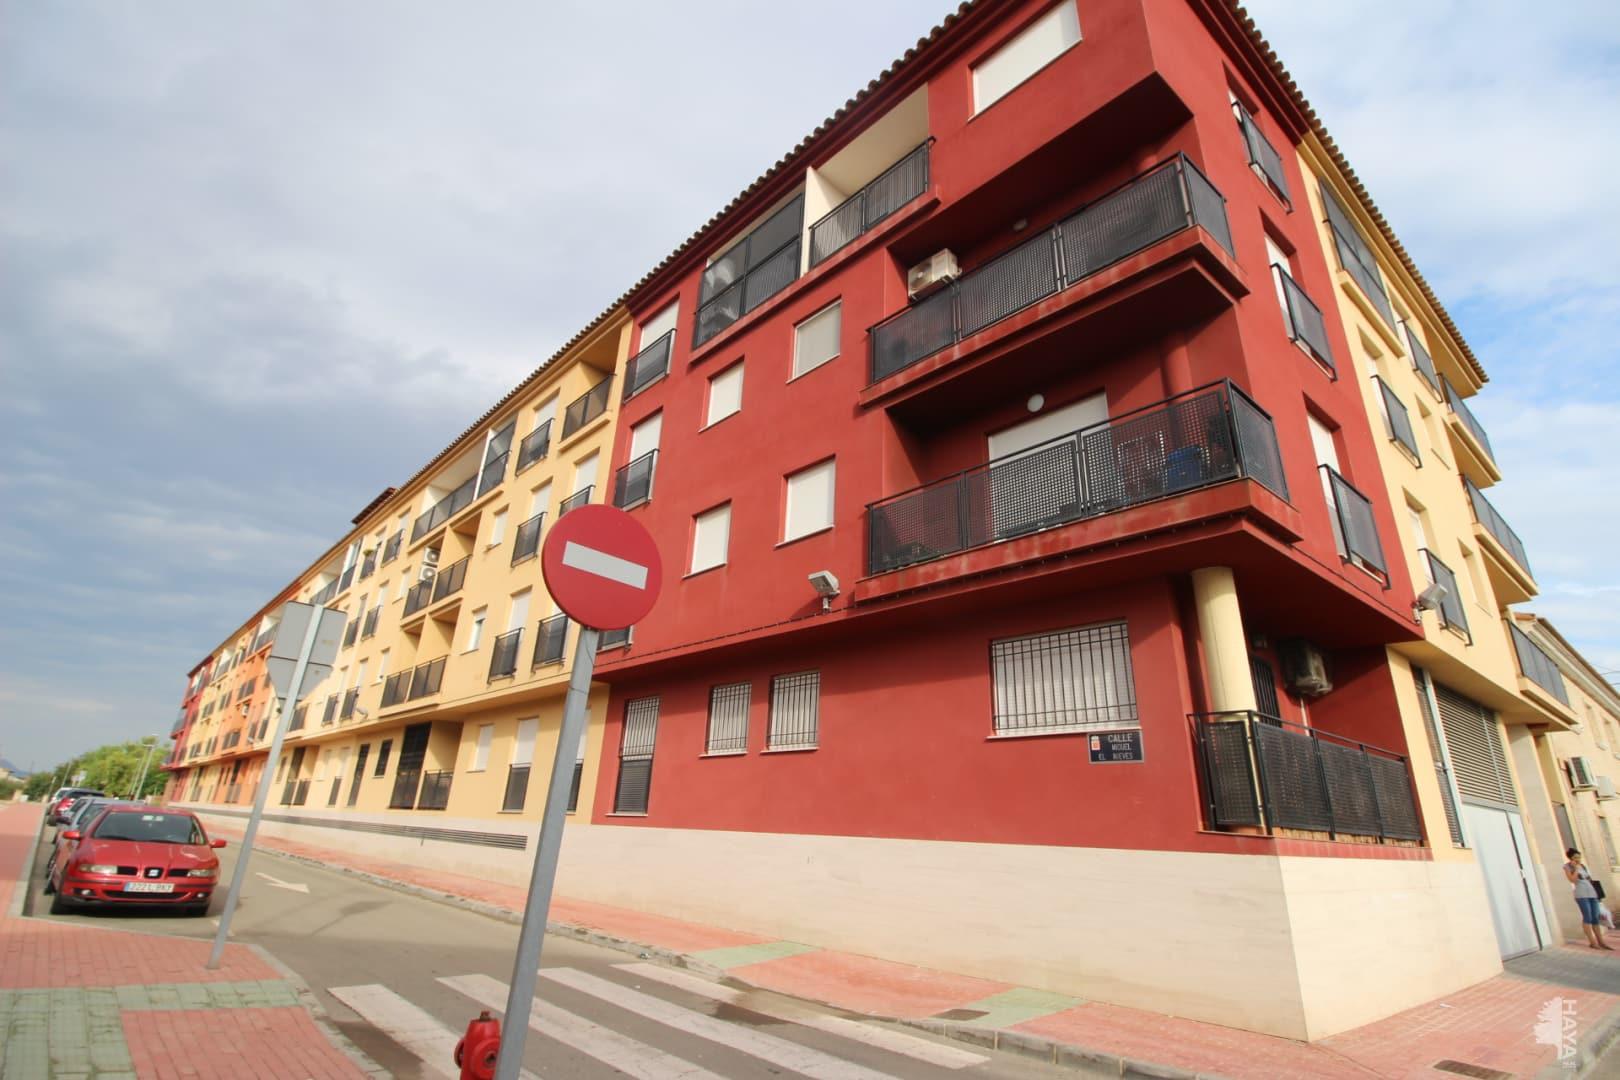 Piso en venta en Murcia, Murcia, Calle Miguel de la Nieves, 102.000 €, 4 habitaciones, 2 baños, 163 m2